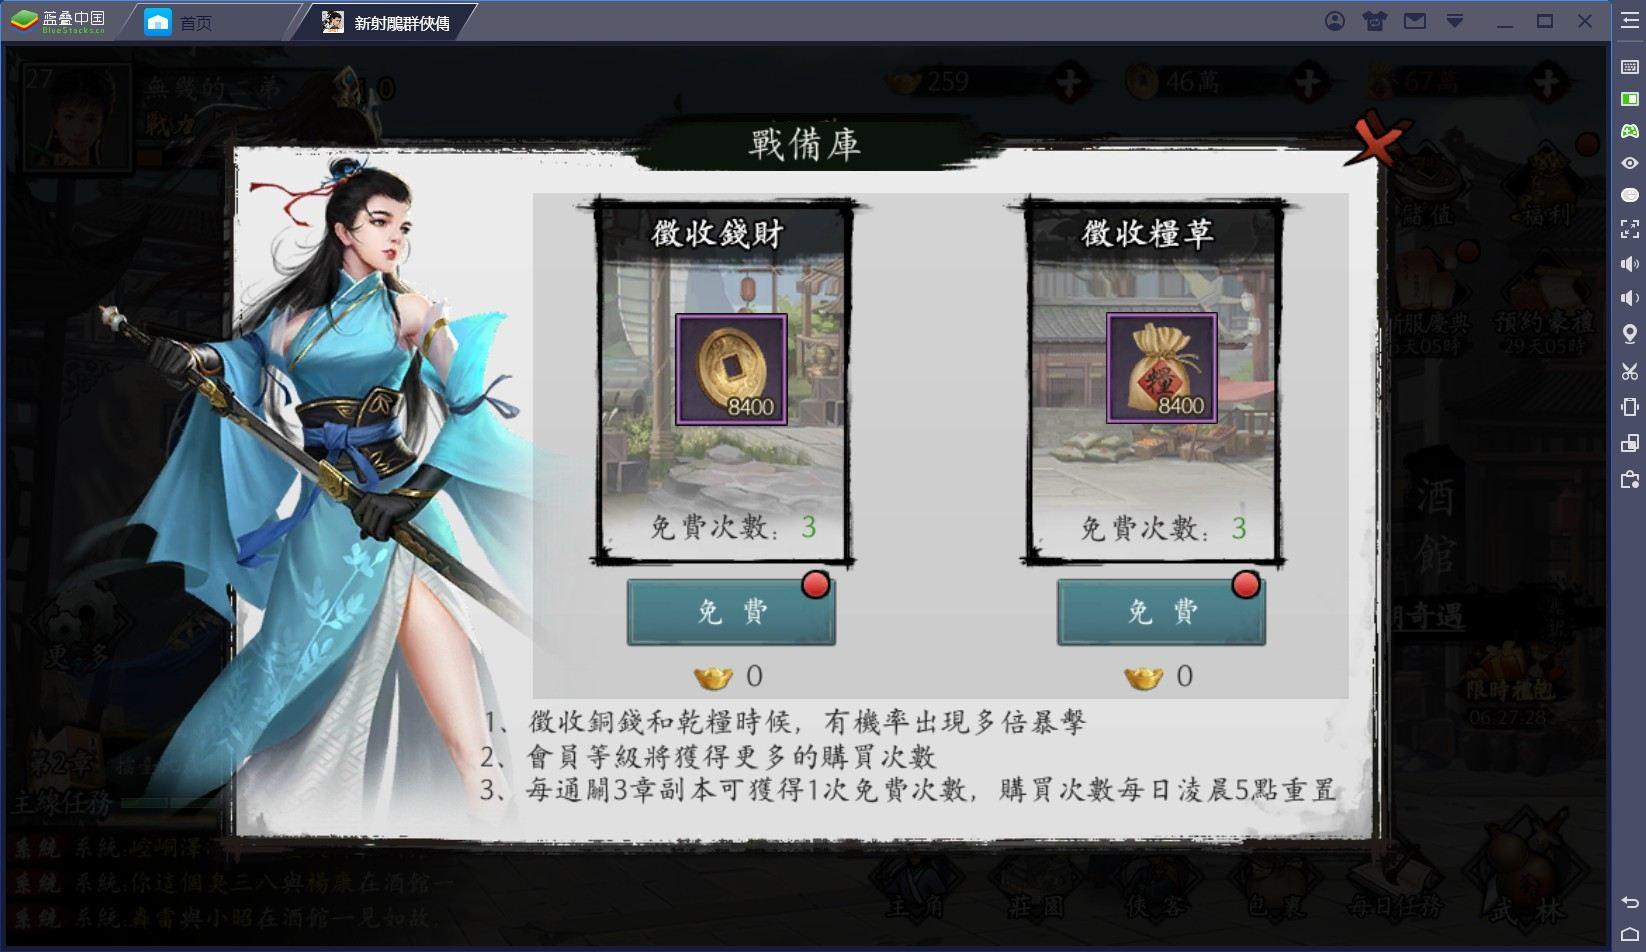 使用BlueStacks在PC上遊玩卡牌回合製手遊《新射雕群俠傳之鐵血丹心》